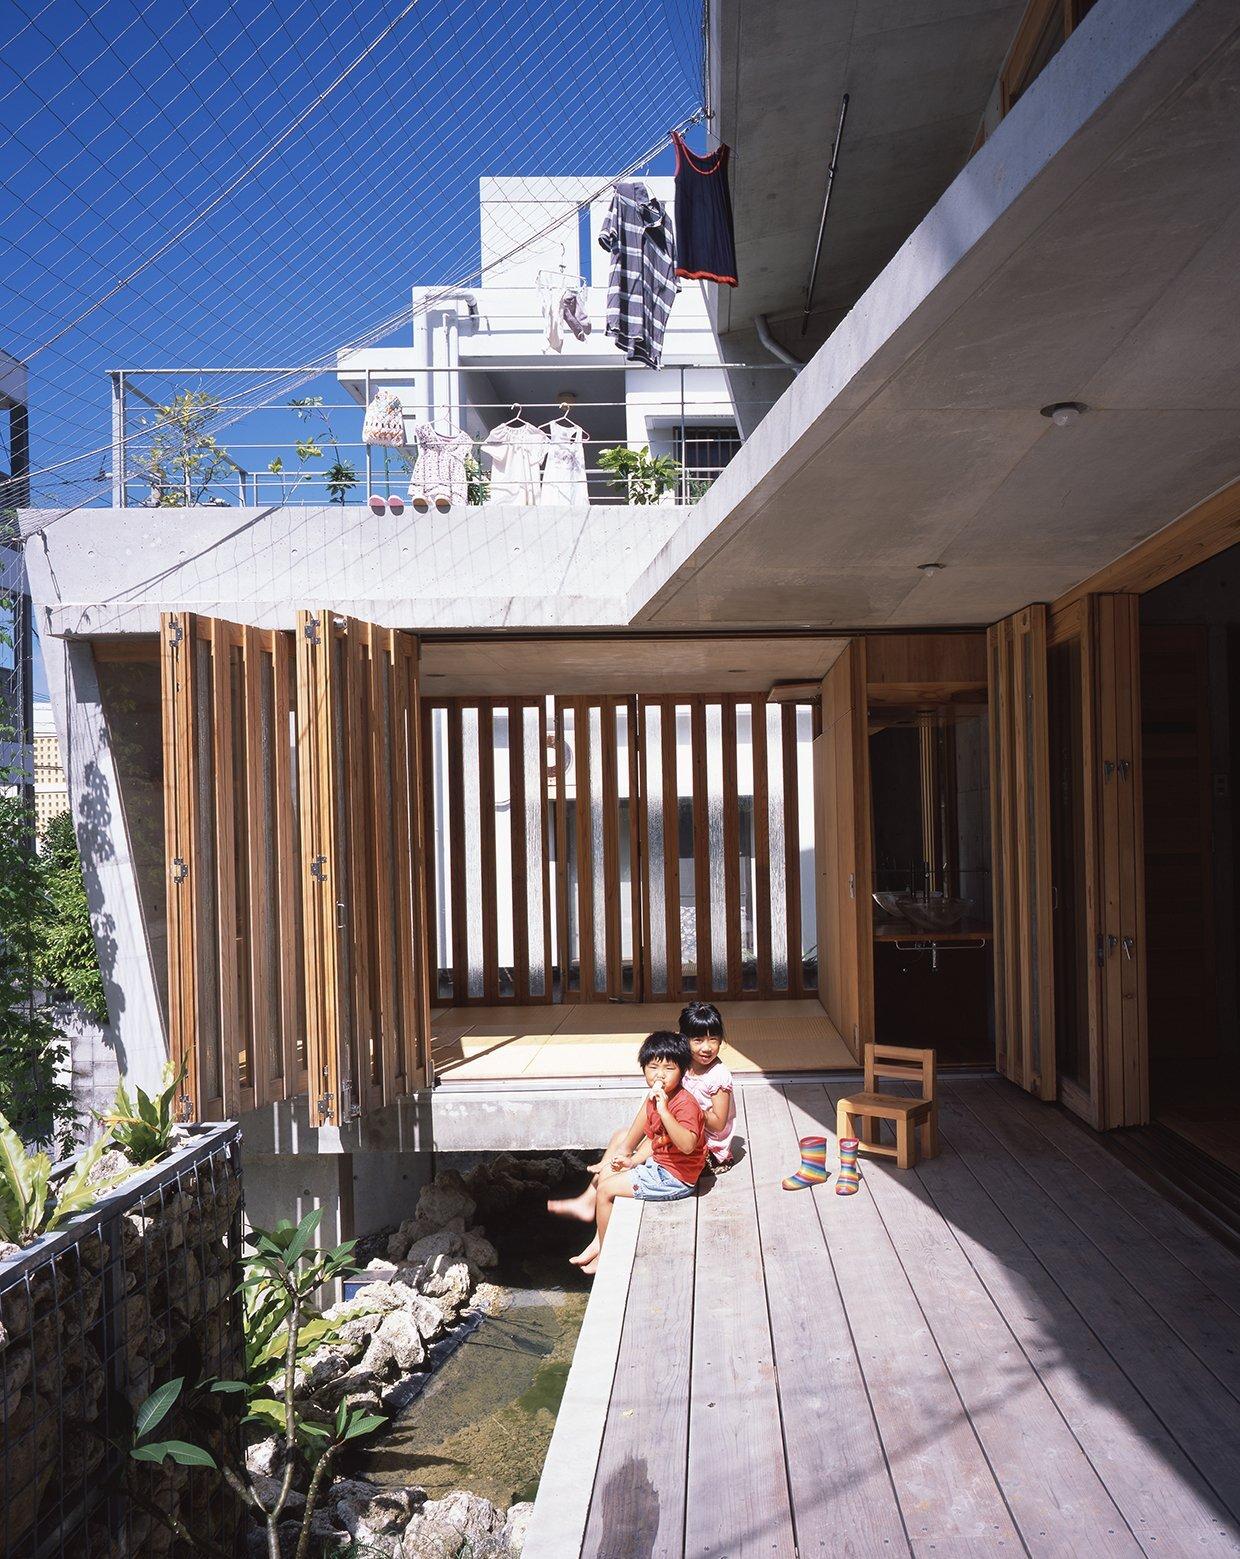 MA of Wind - Small Japanese House - Ryuichi Ashizawa Architect & Associates - Japan - Pond - Humble Homes